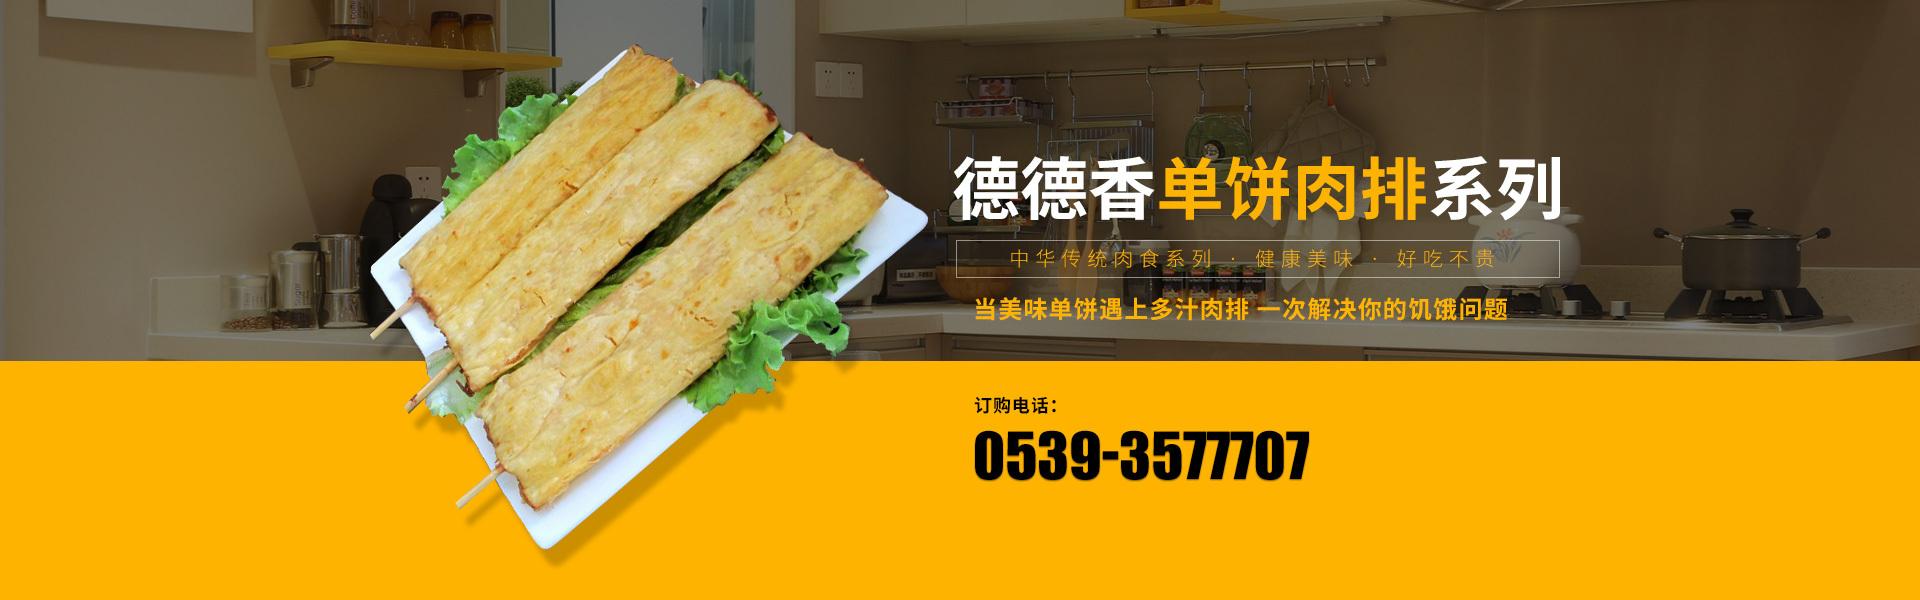 川香鸡柳_骨肉相连_单饼肉排_调理肉制品-沂南县德德香食品有限公司